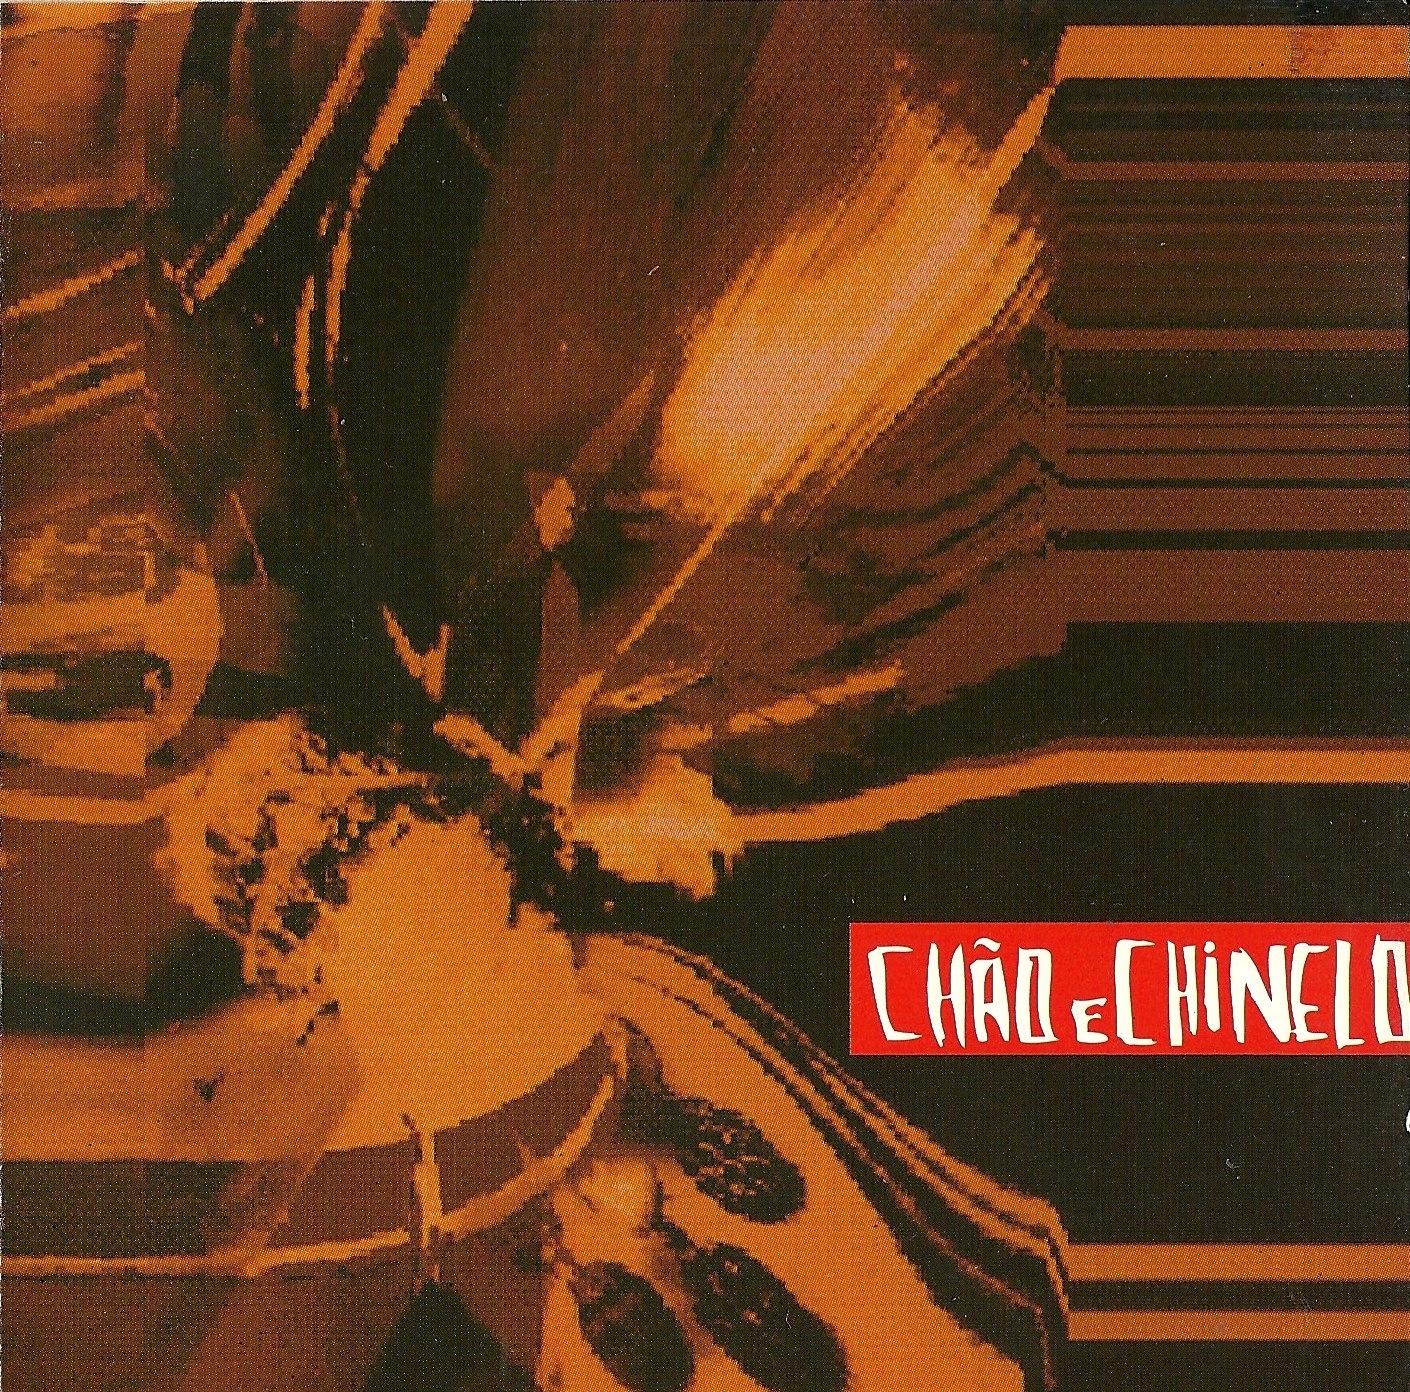 34 1999 Loa do Boi Meia Noite - Chao e Chinelo.jpg